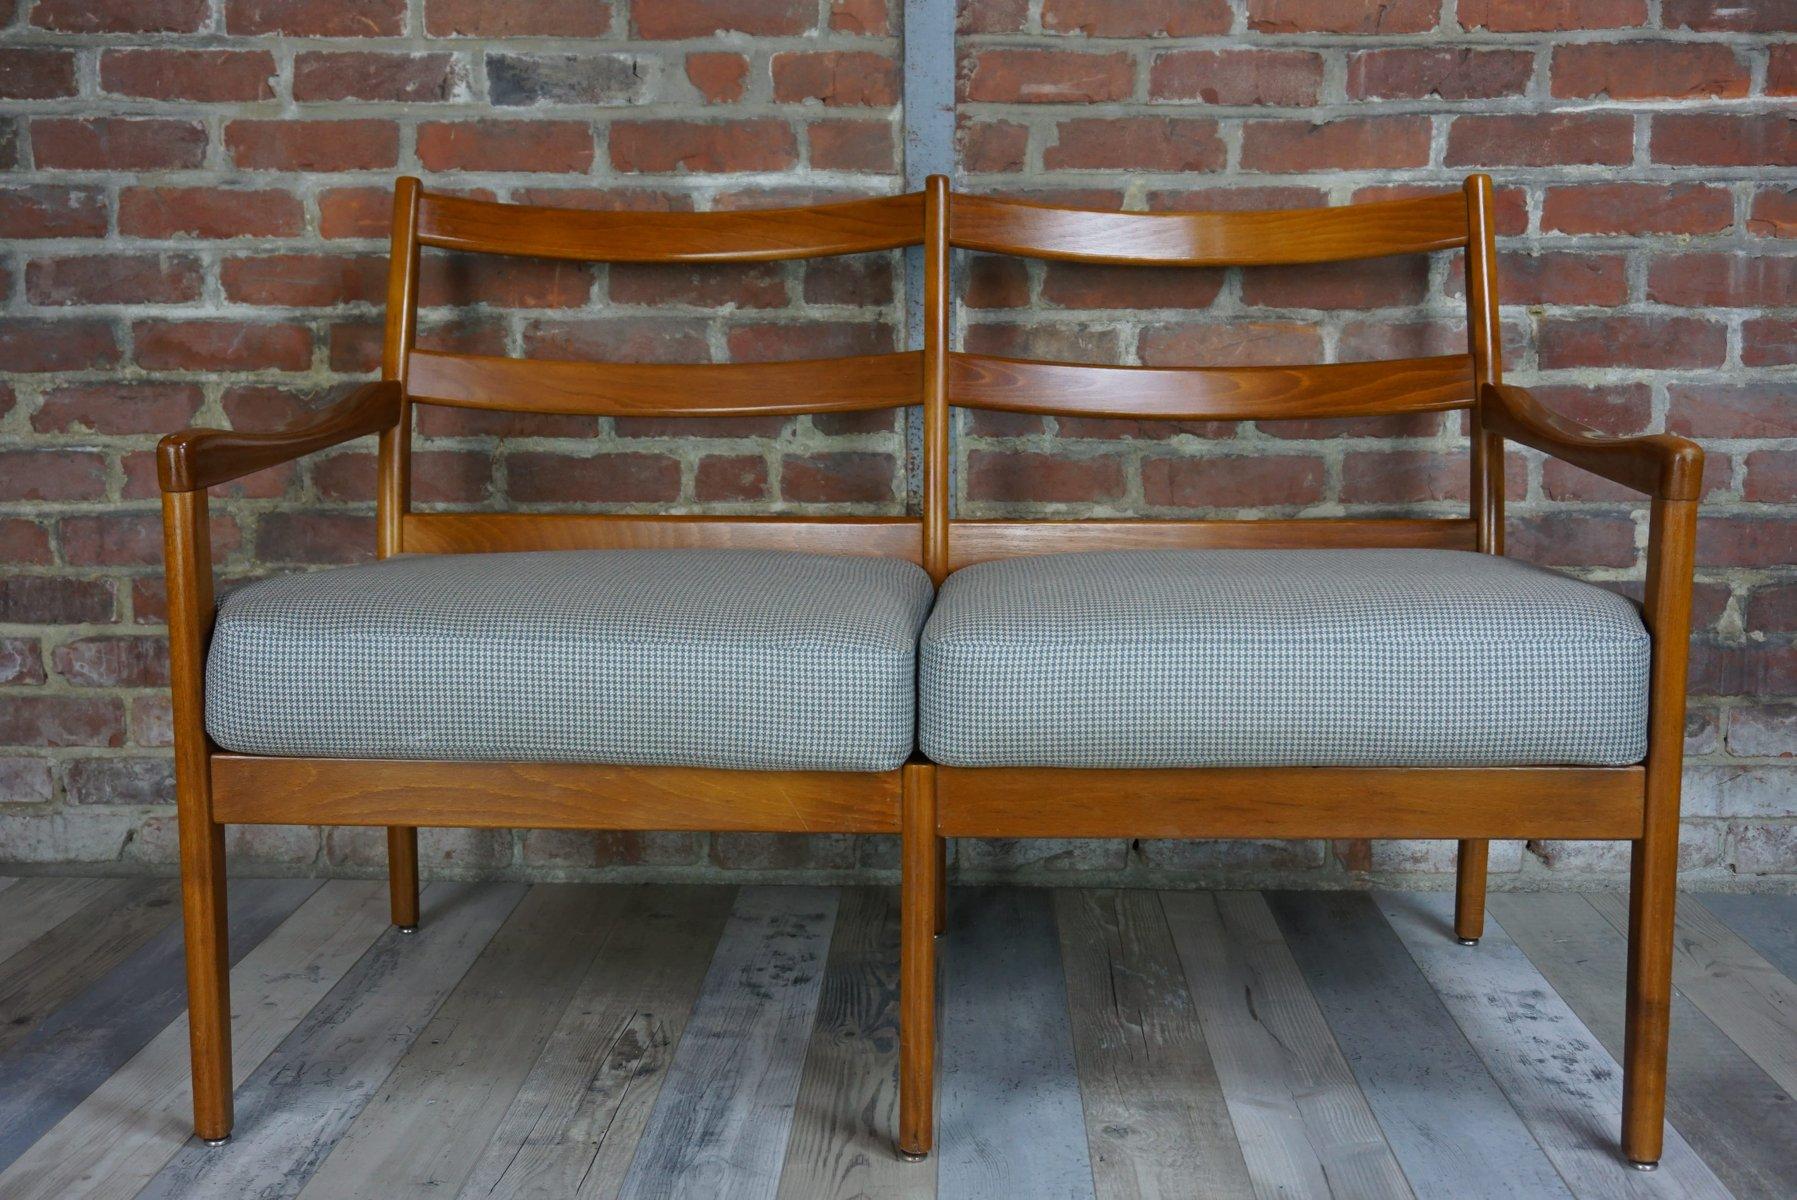 vintage zwei sitzer sofa von casala m bel bei pamono kaufen. Black Bedroom Furniture Sets. Home Design Ideas